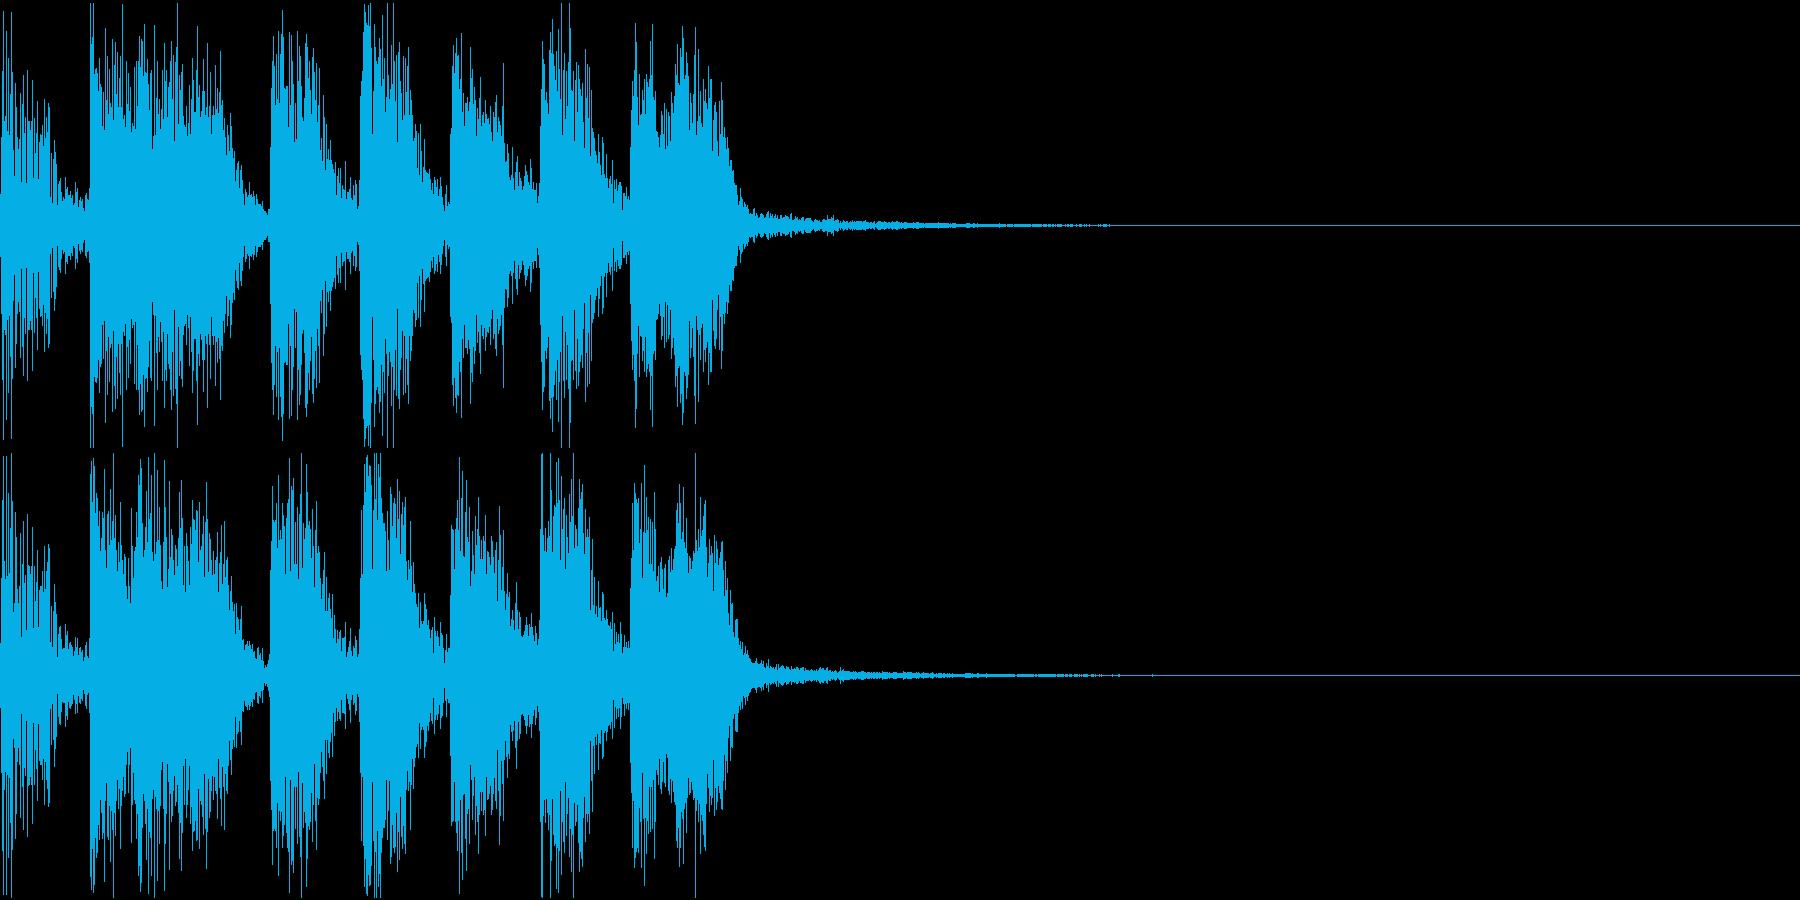 ゲーム・アイキャッチ向けテクノジングルの再生済みの波形